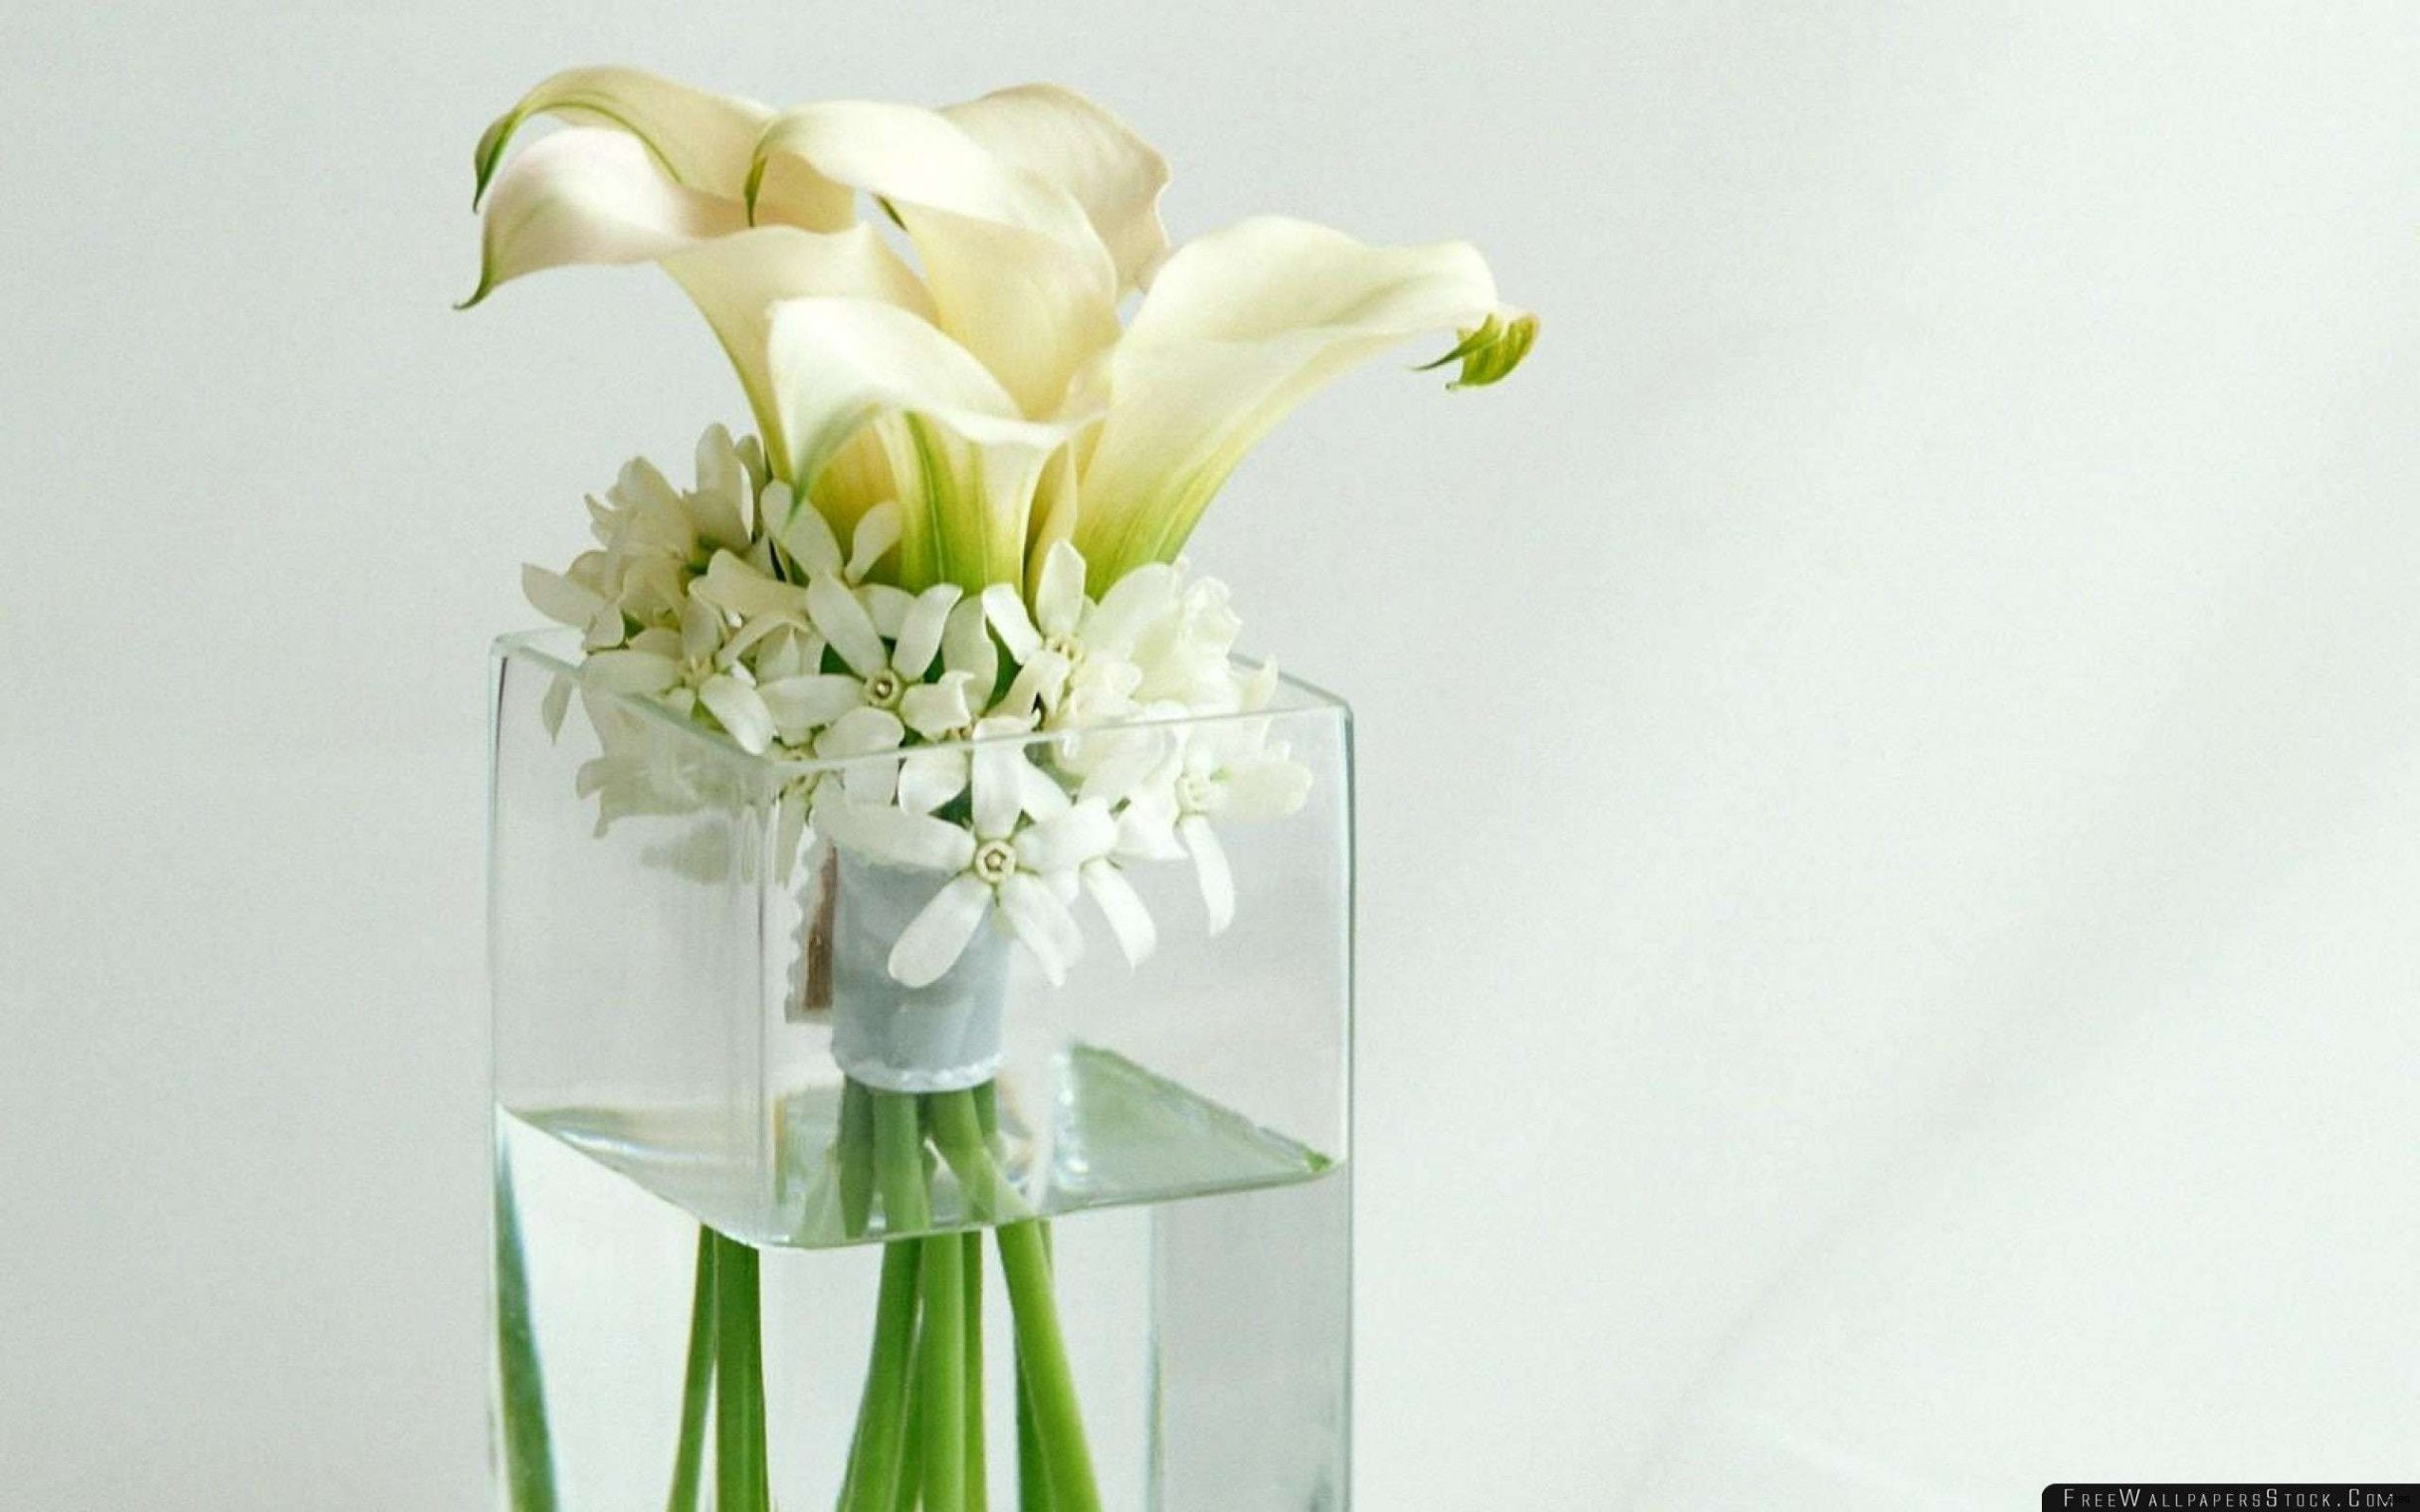 Lit 2 Metre Inspirant Vases Disposable Plastic Single Cheap Flower Rose Vasei 0d Design